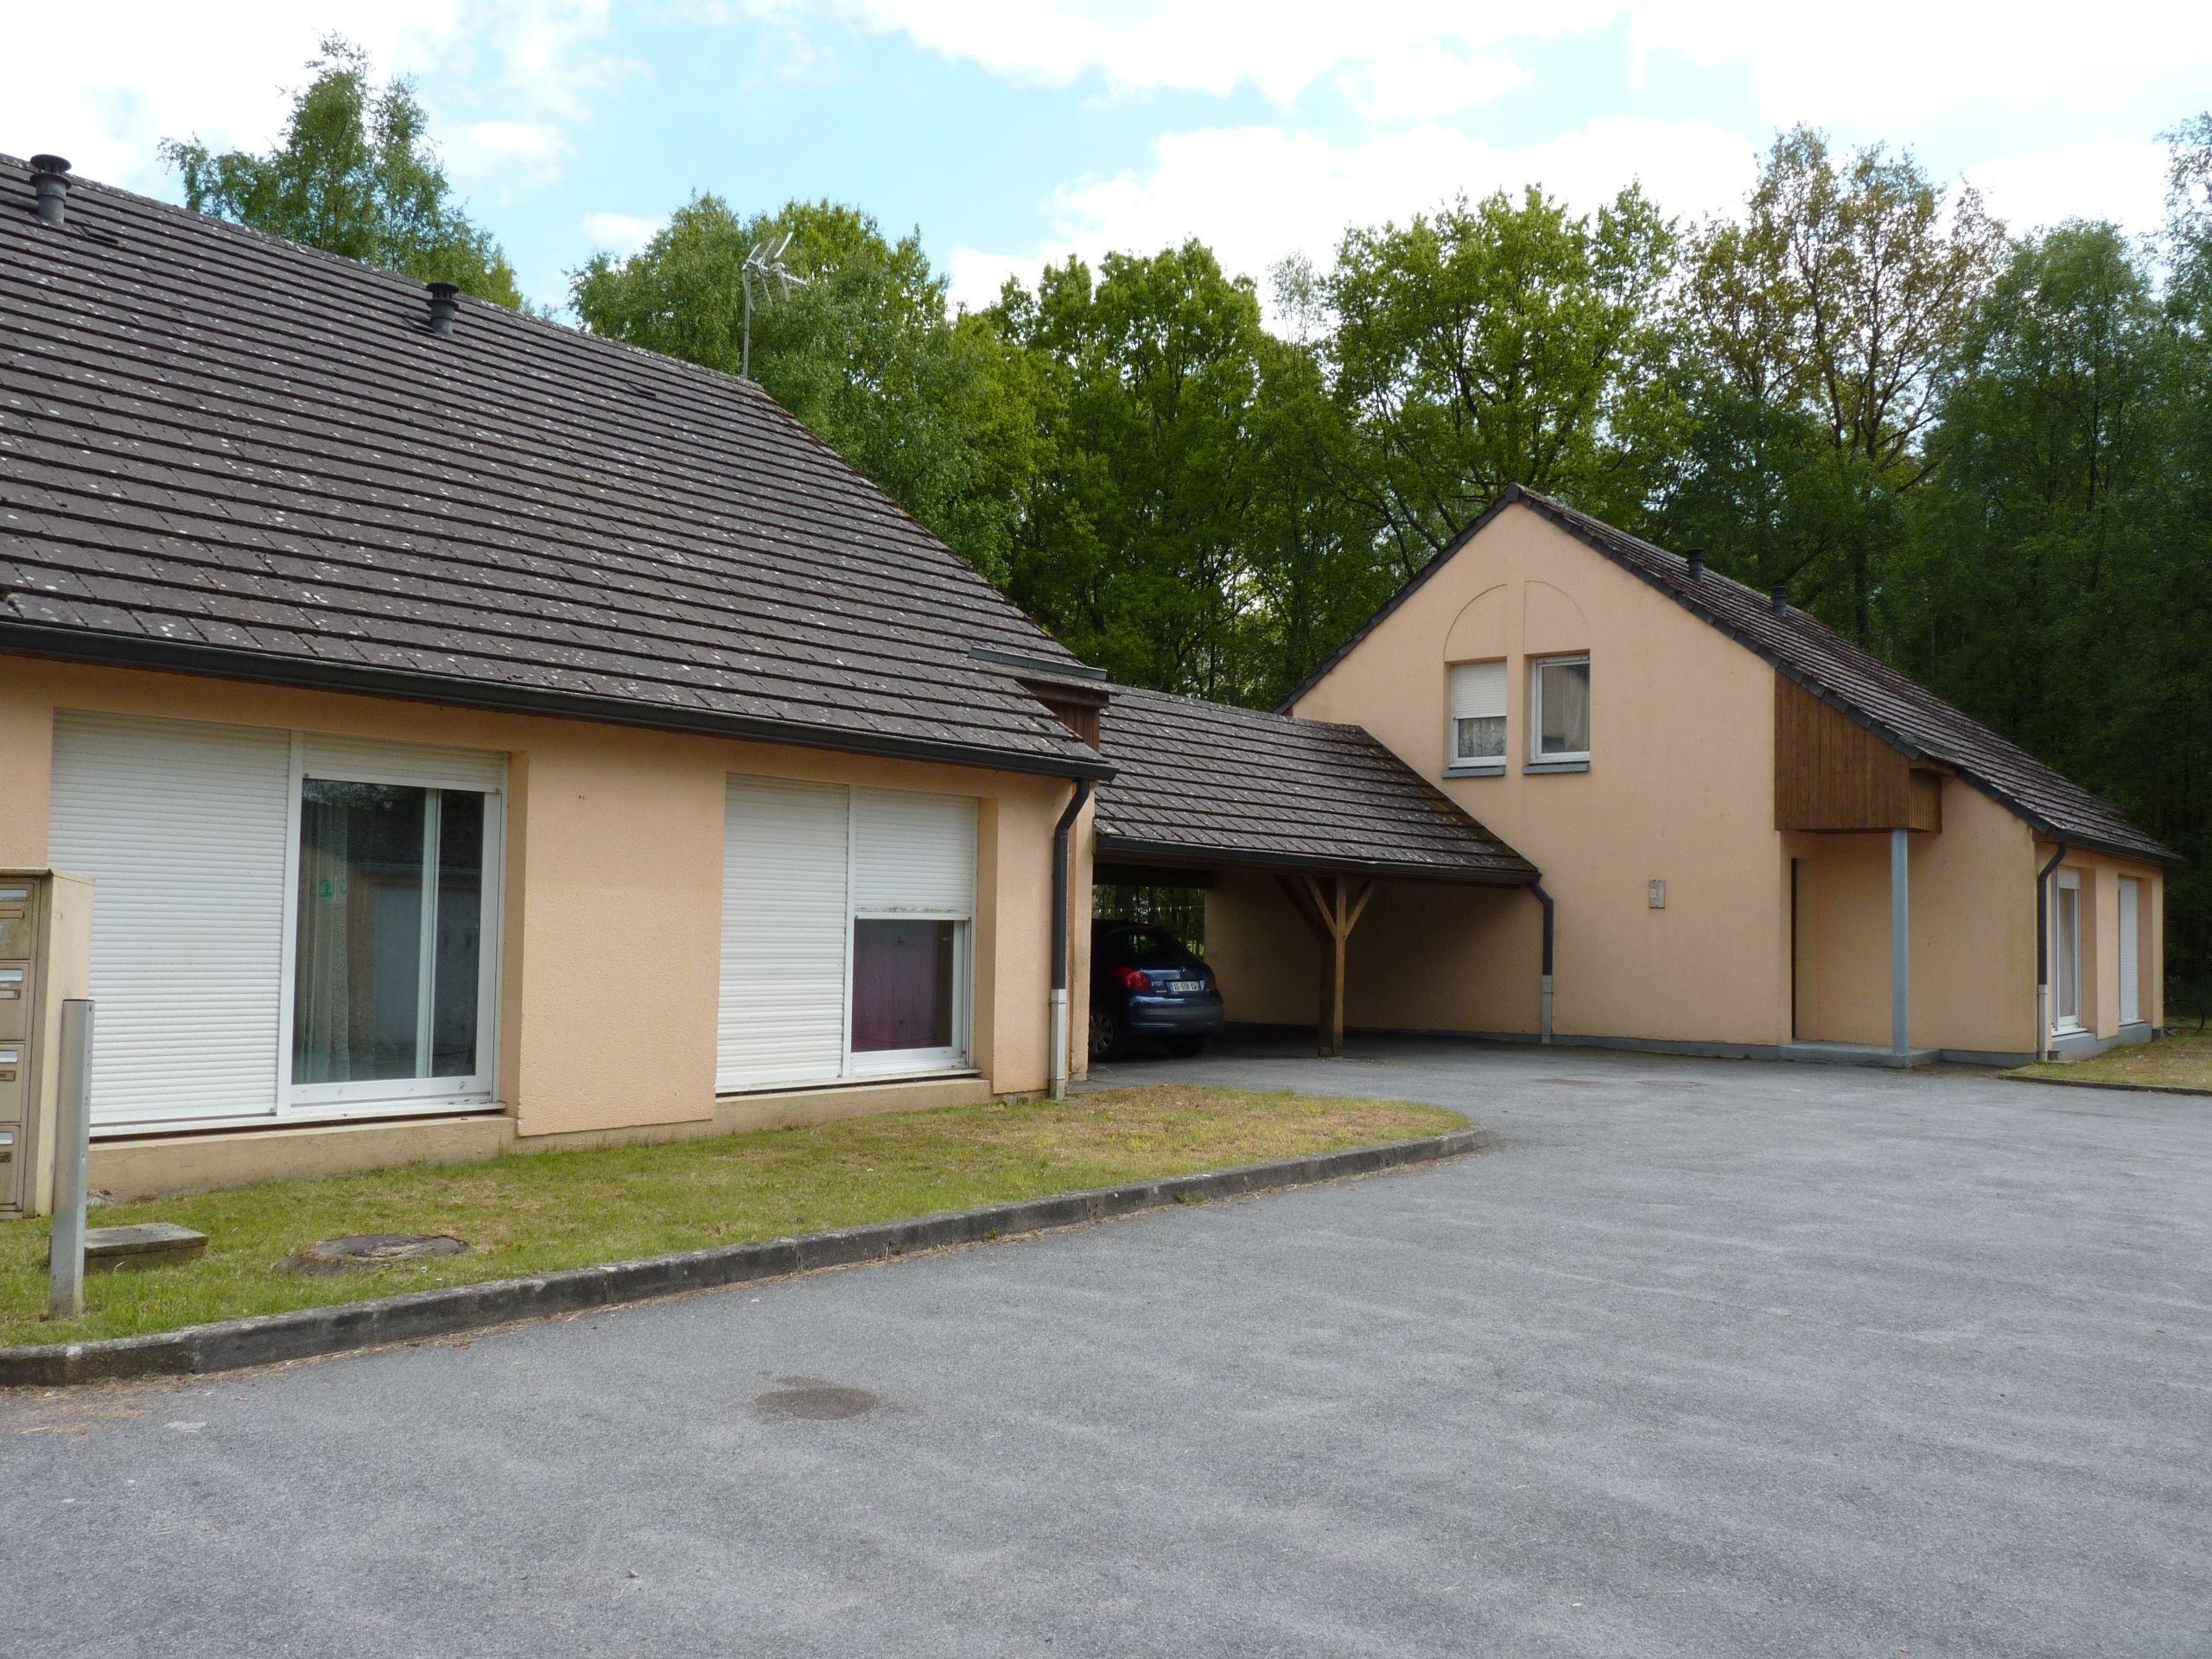 Logement la fert fresnel locataion garage orne for Entretien exterieur locataire